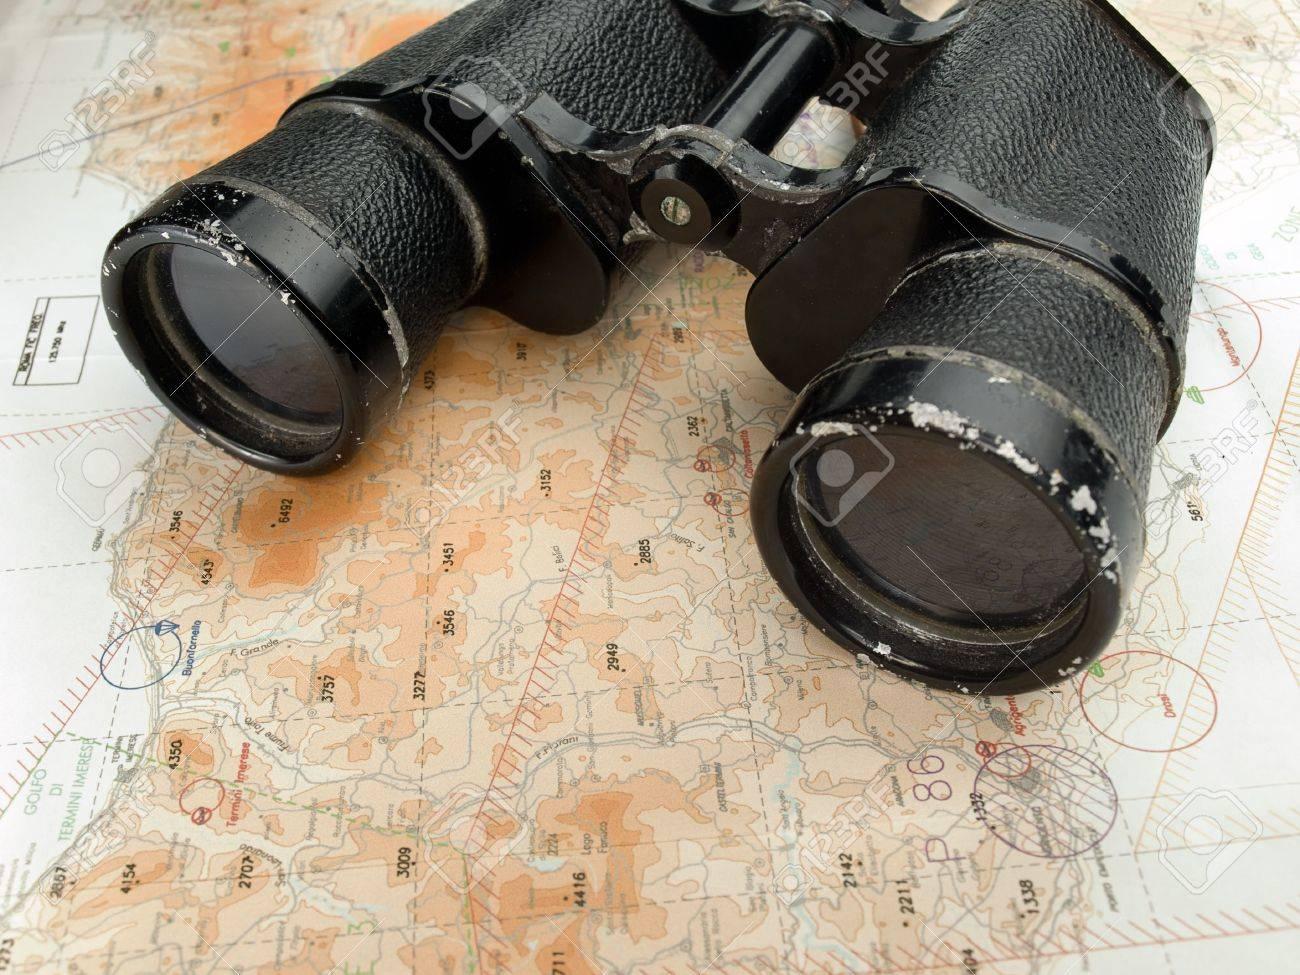 Fernglas auf der navigationskarte nützlich für die exploration